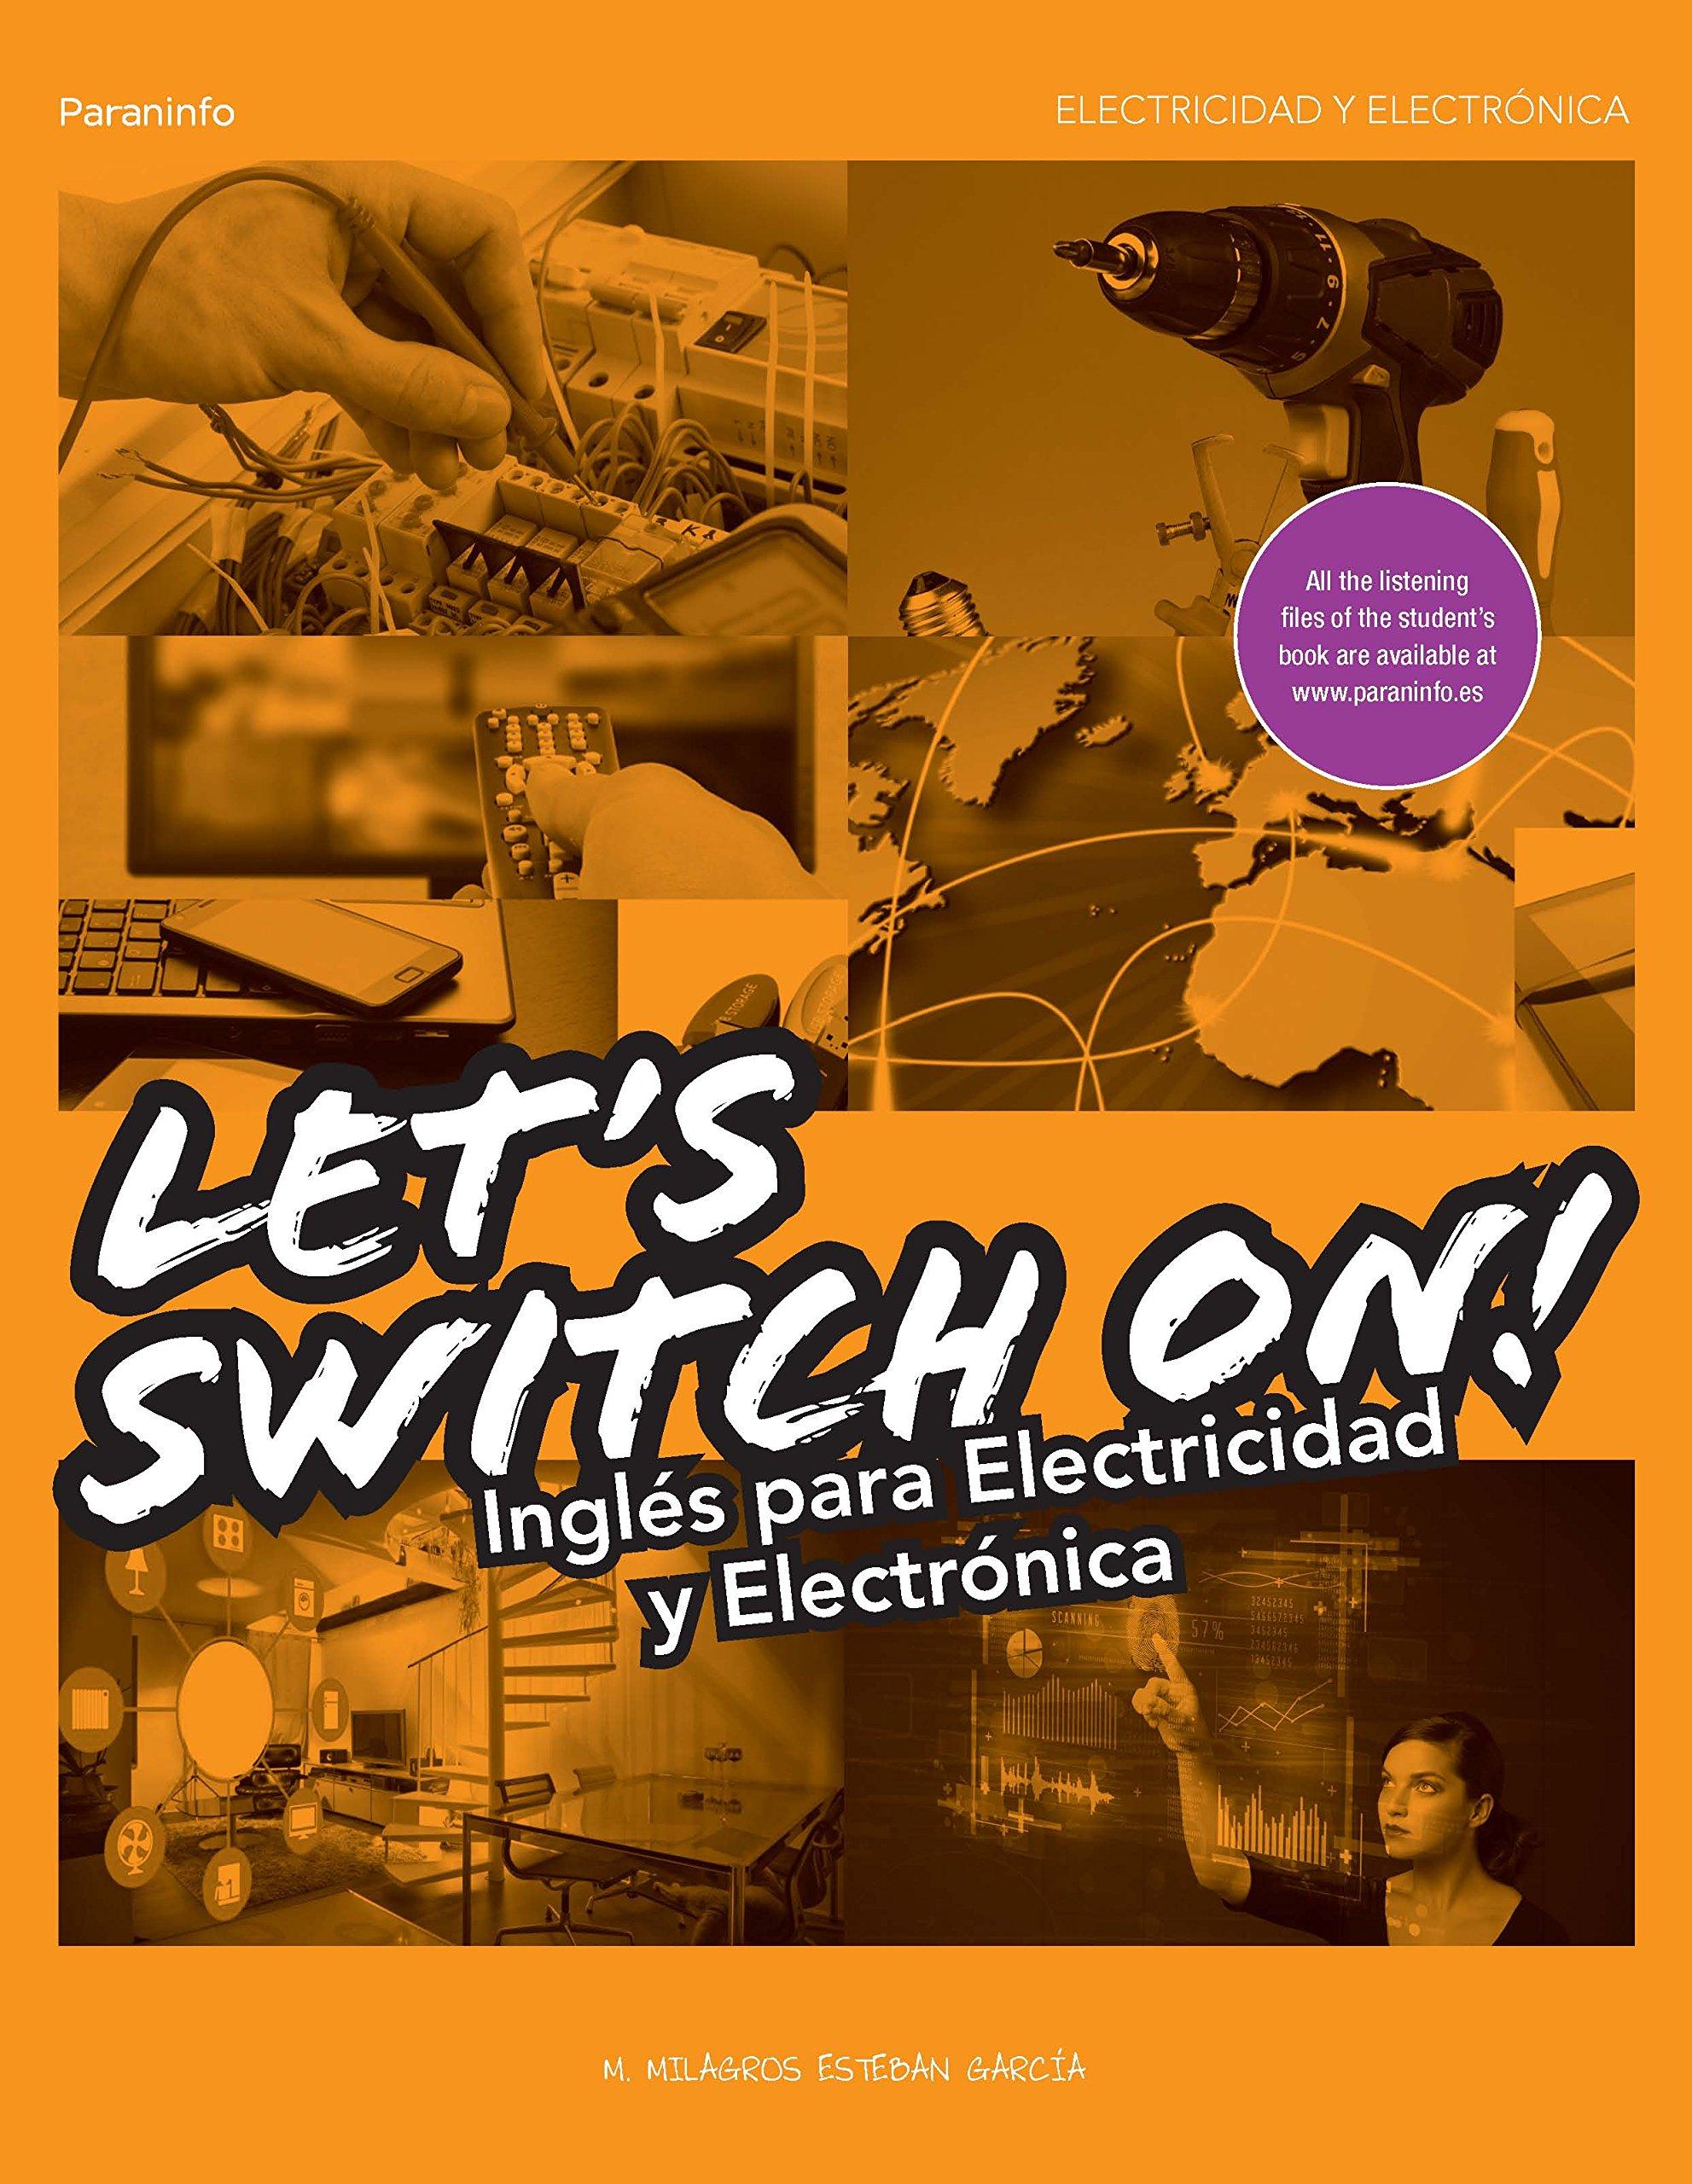 Let´s Switch On! Inglés para Electricidad y Electrónica (Electricidad Electronica) Tapa blanda – 23 mar 2015 Ediciones Paraninfo S.A 842839881X Ingeniería electrónica